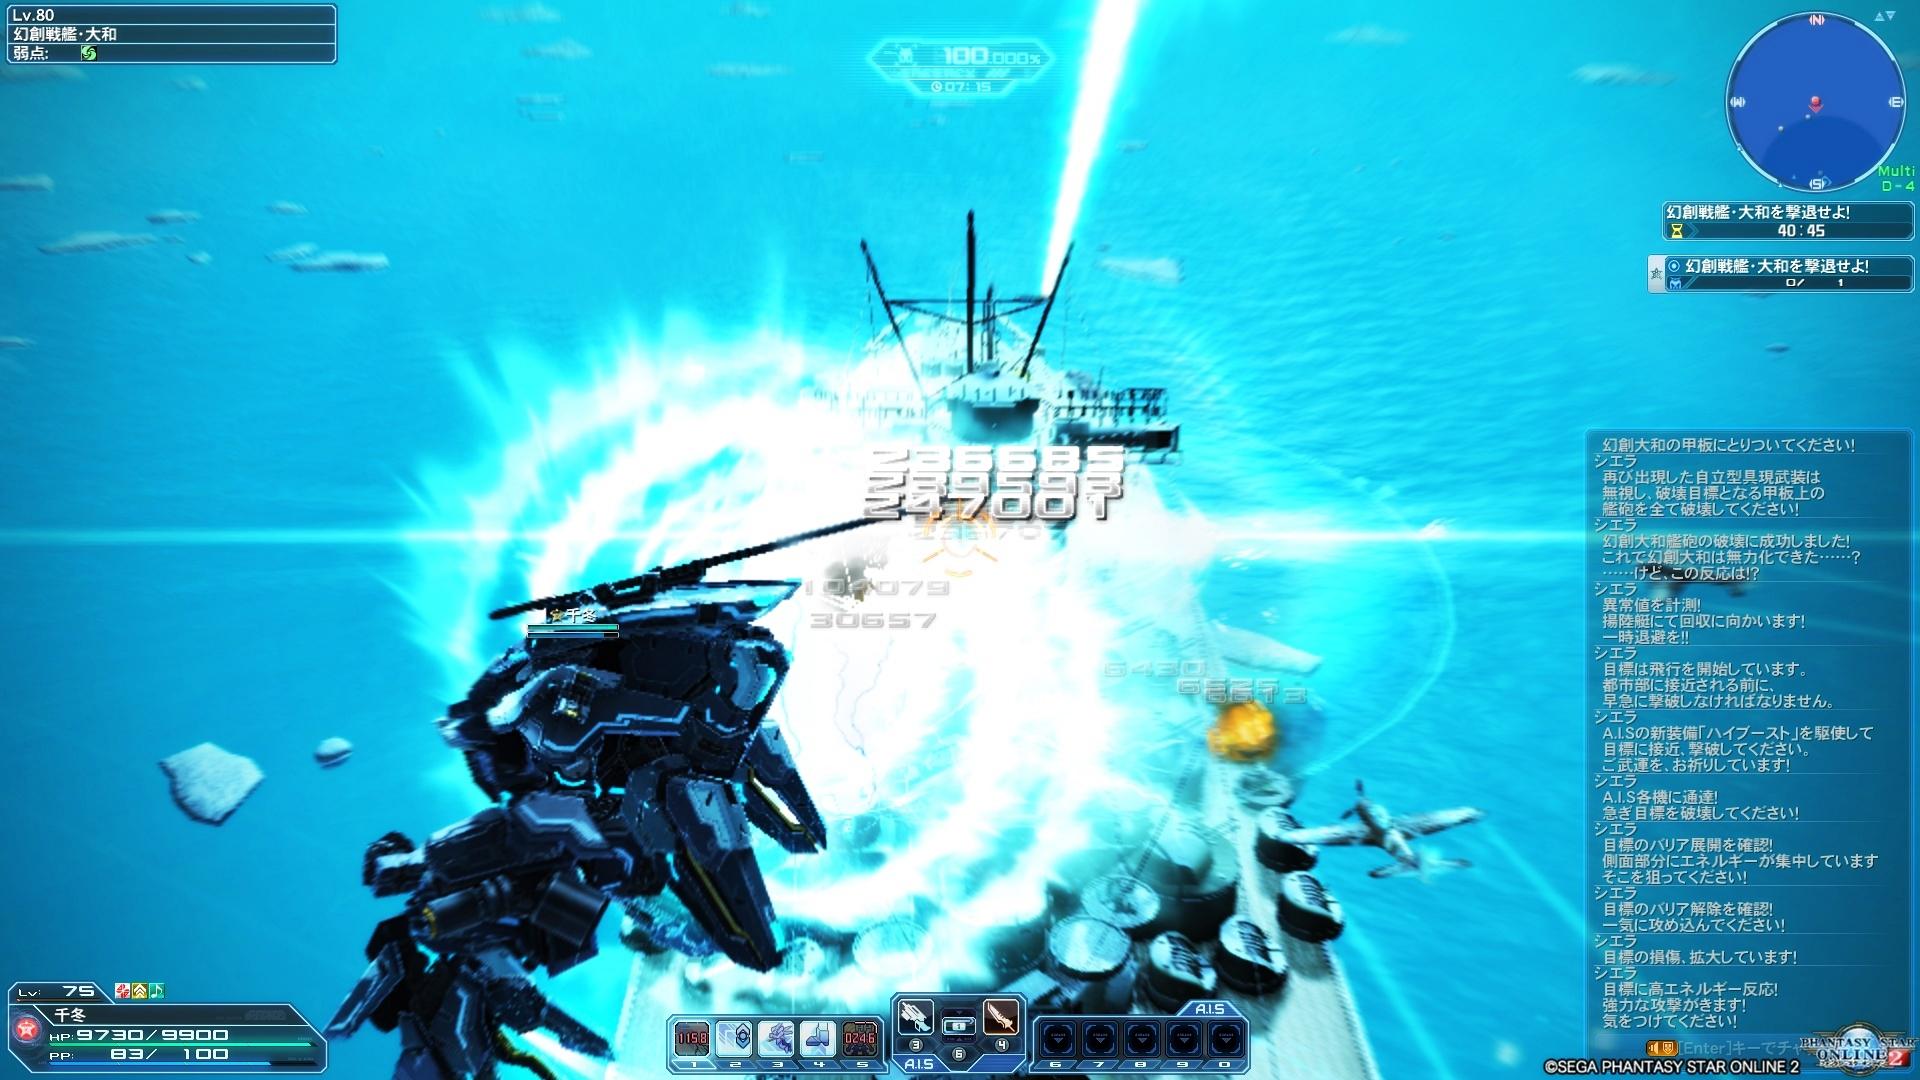 [PSO2]幻想戦艦は何度も沈む3